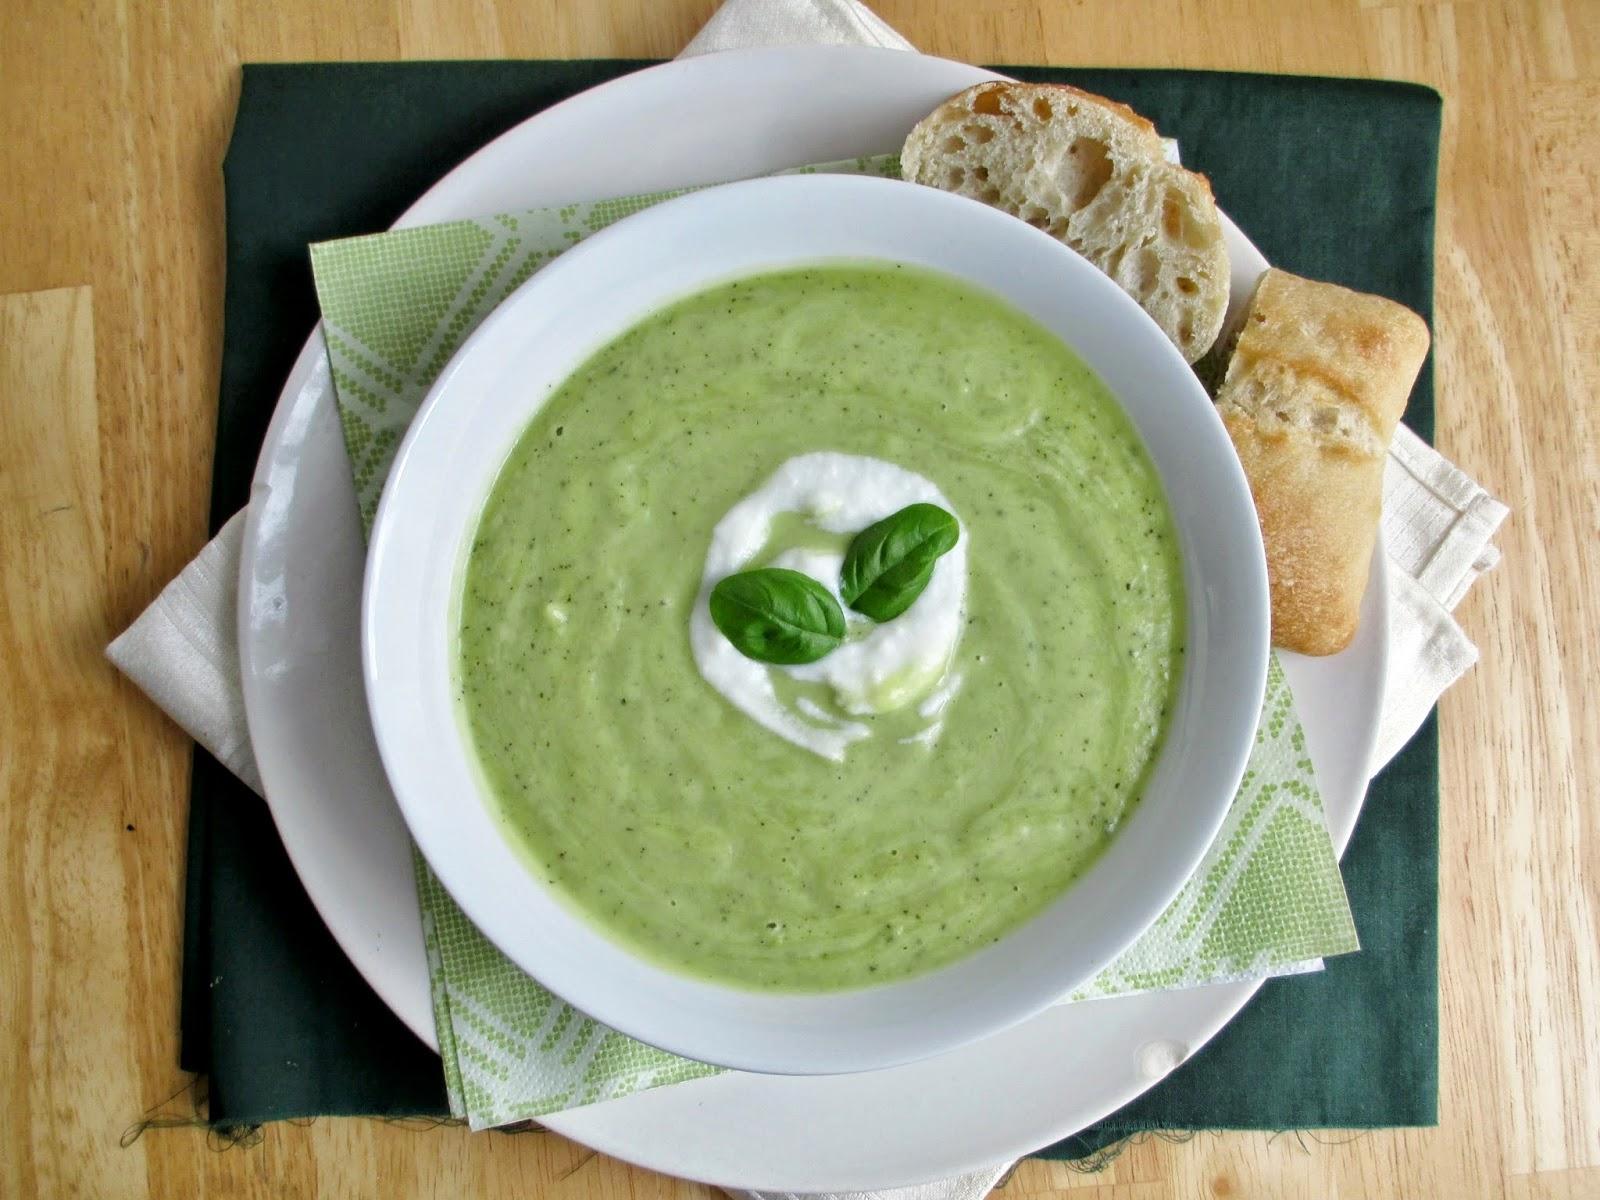 Vanilla & Spice: Chilled Zucchini Avocado Soup